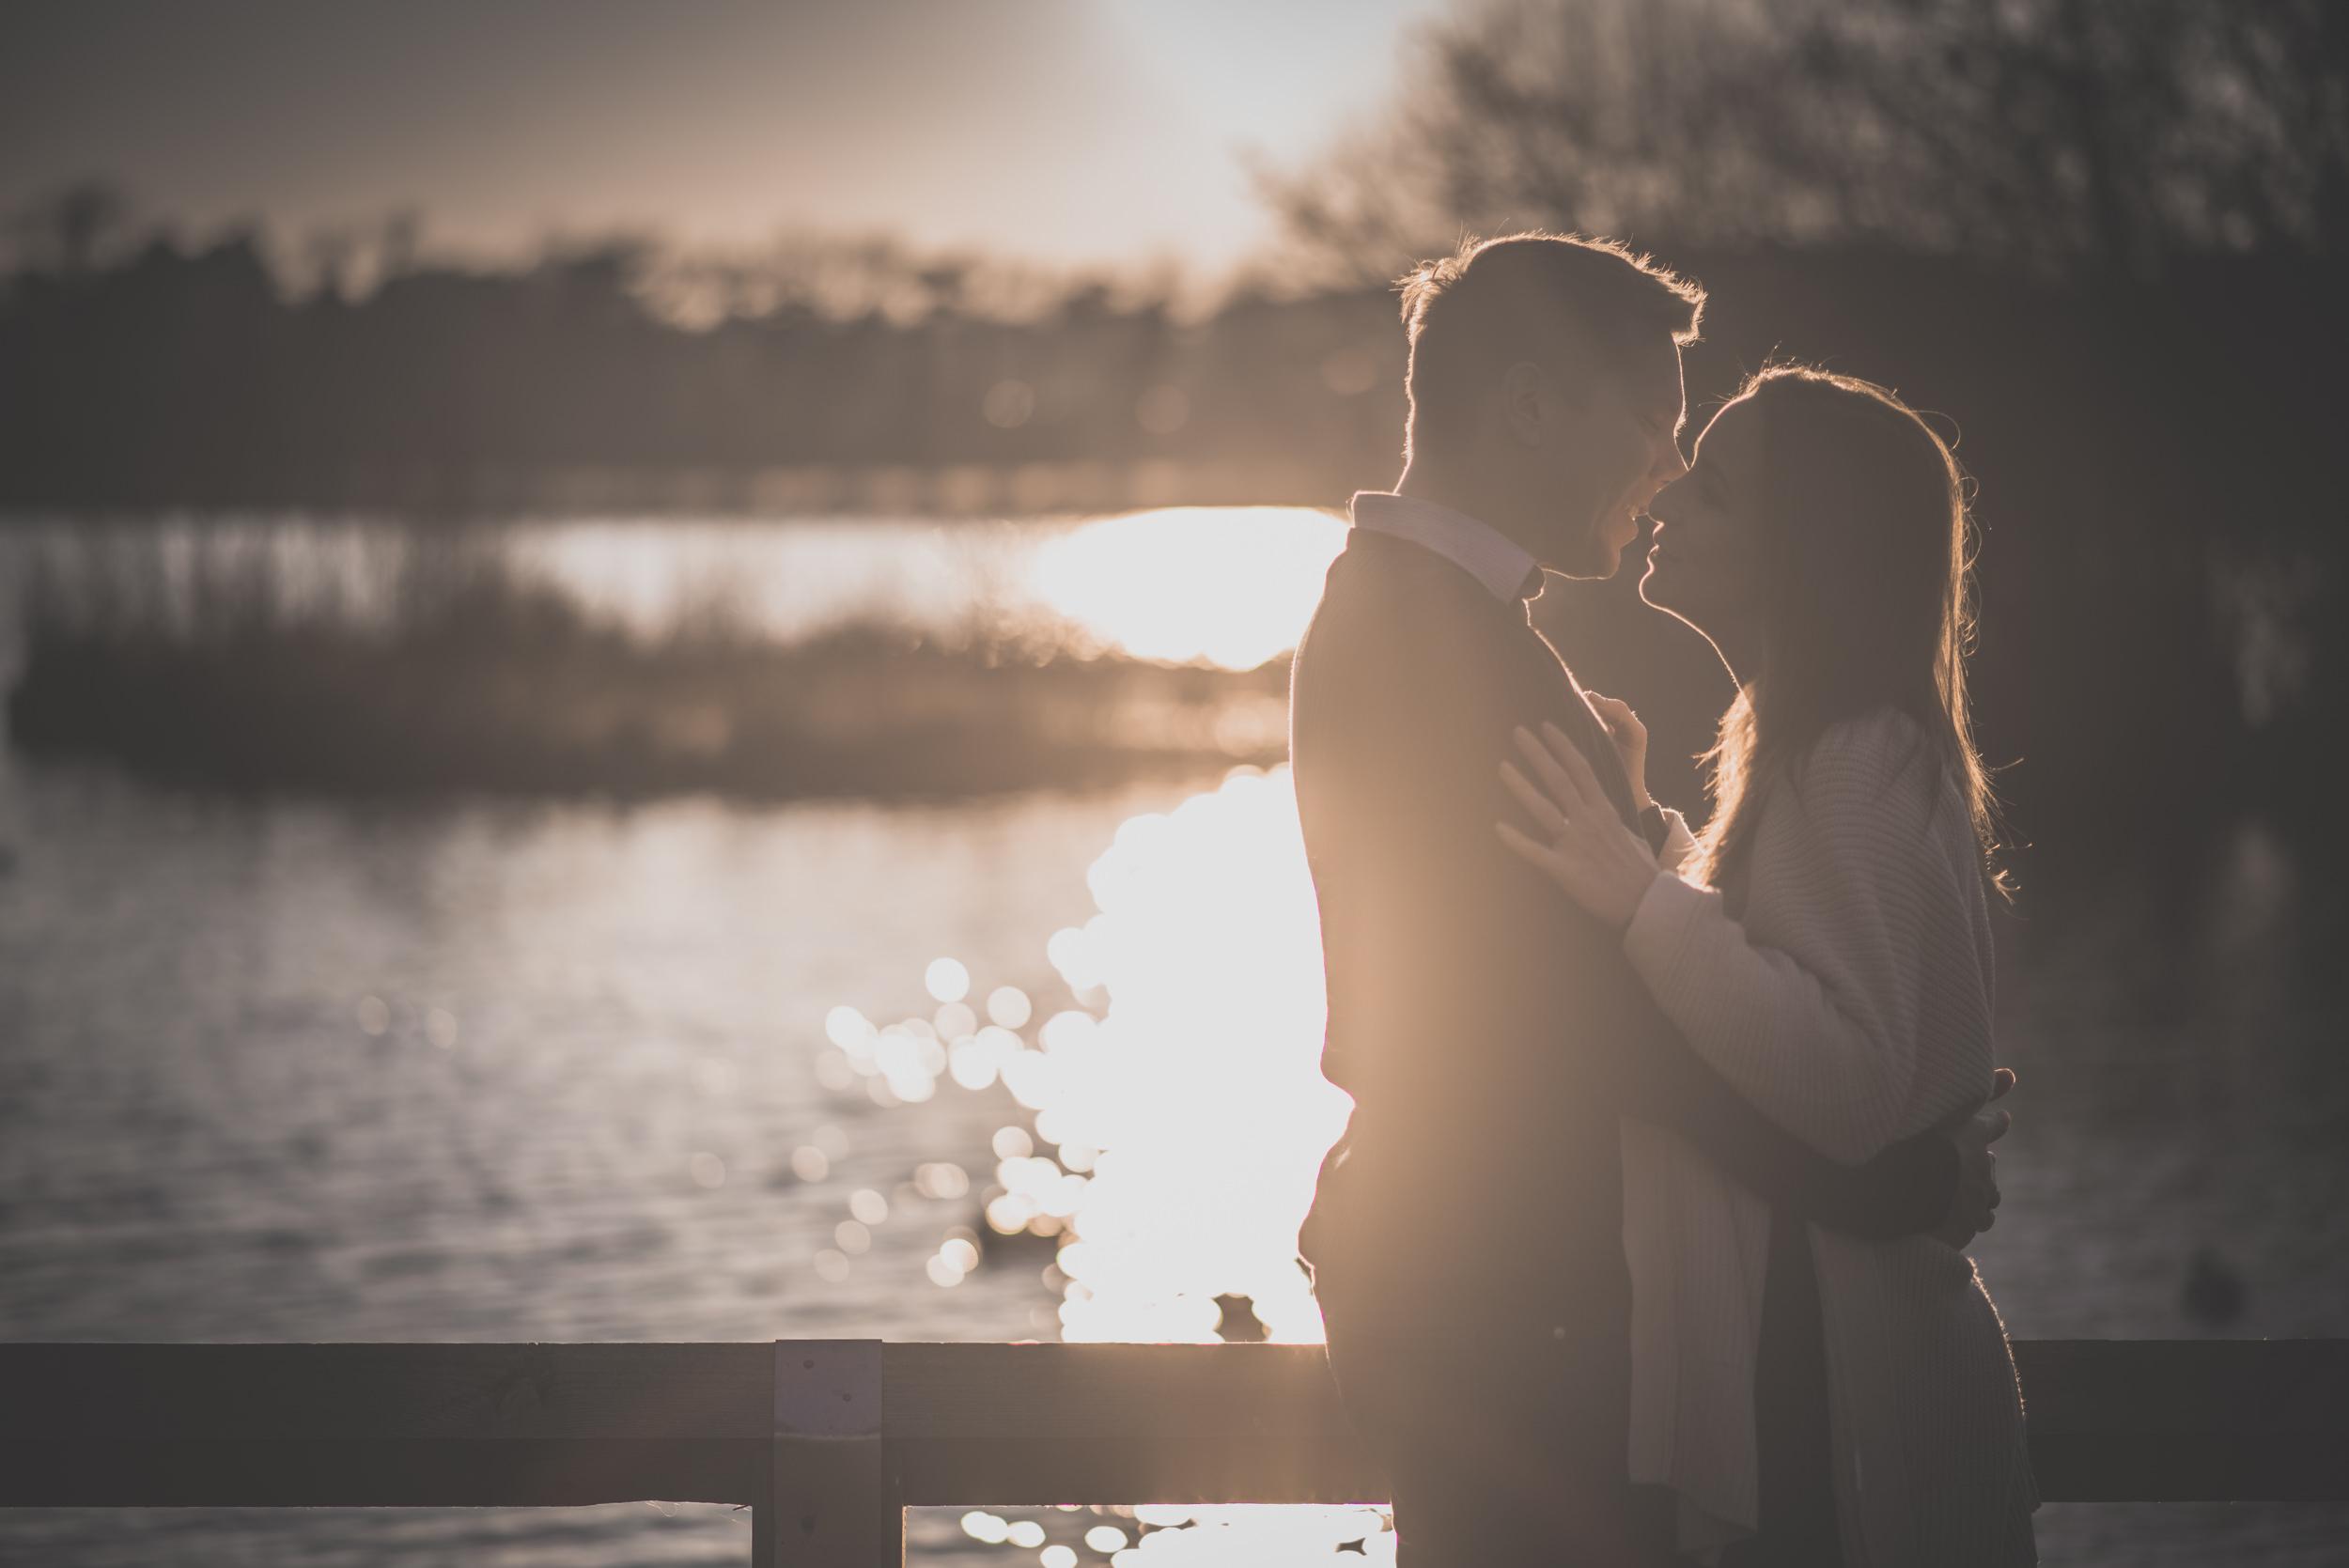 Caroline-Mark-Engagement-Session-Fleet-Pond-Hampshire-Manu-Mendoza-Wedding-Photography-041.jpg